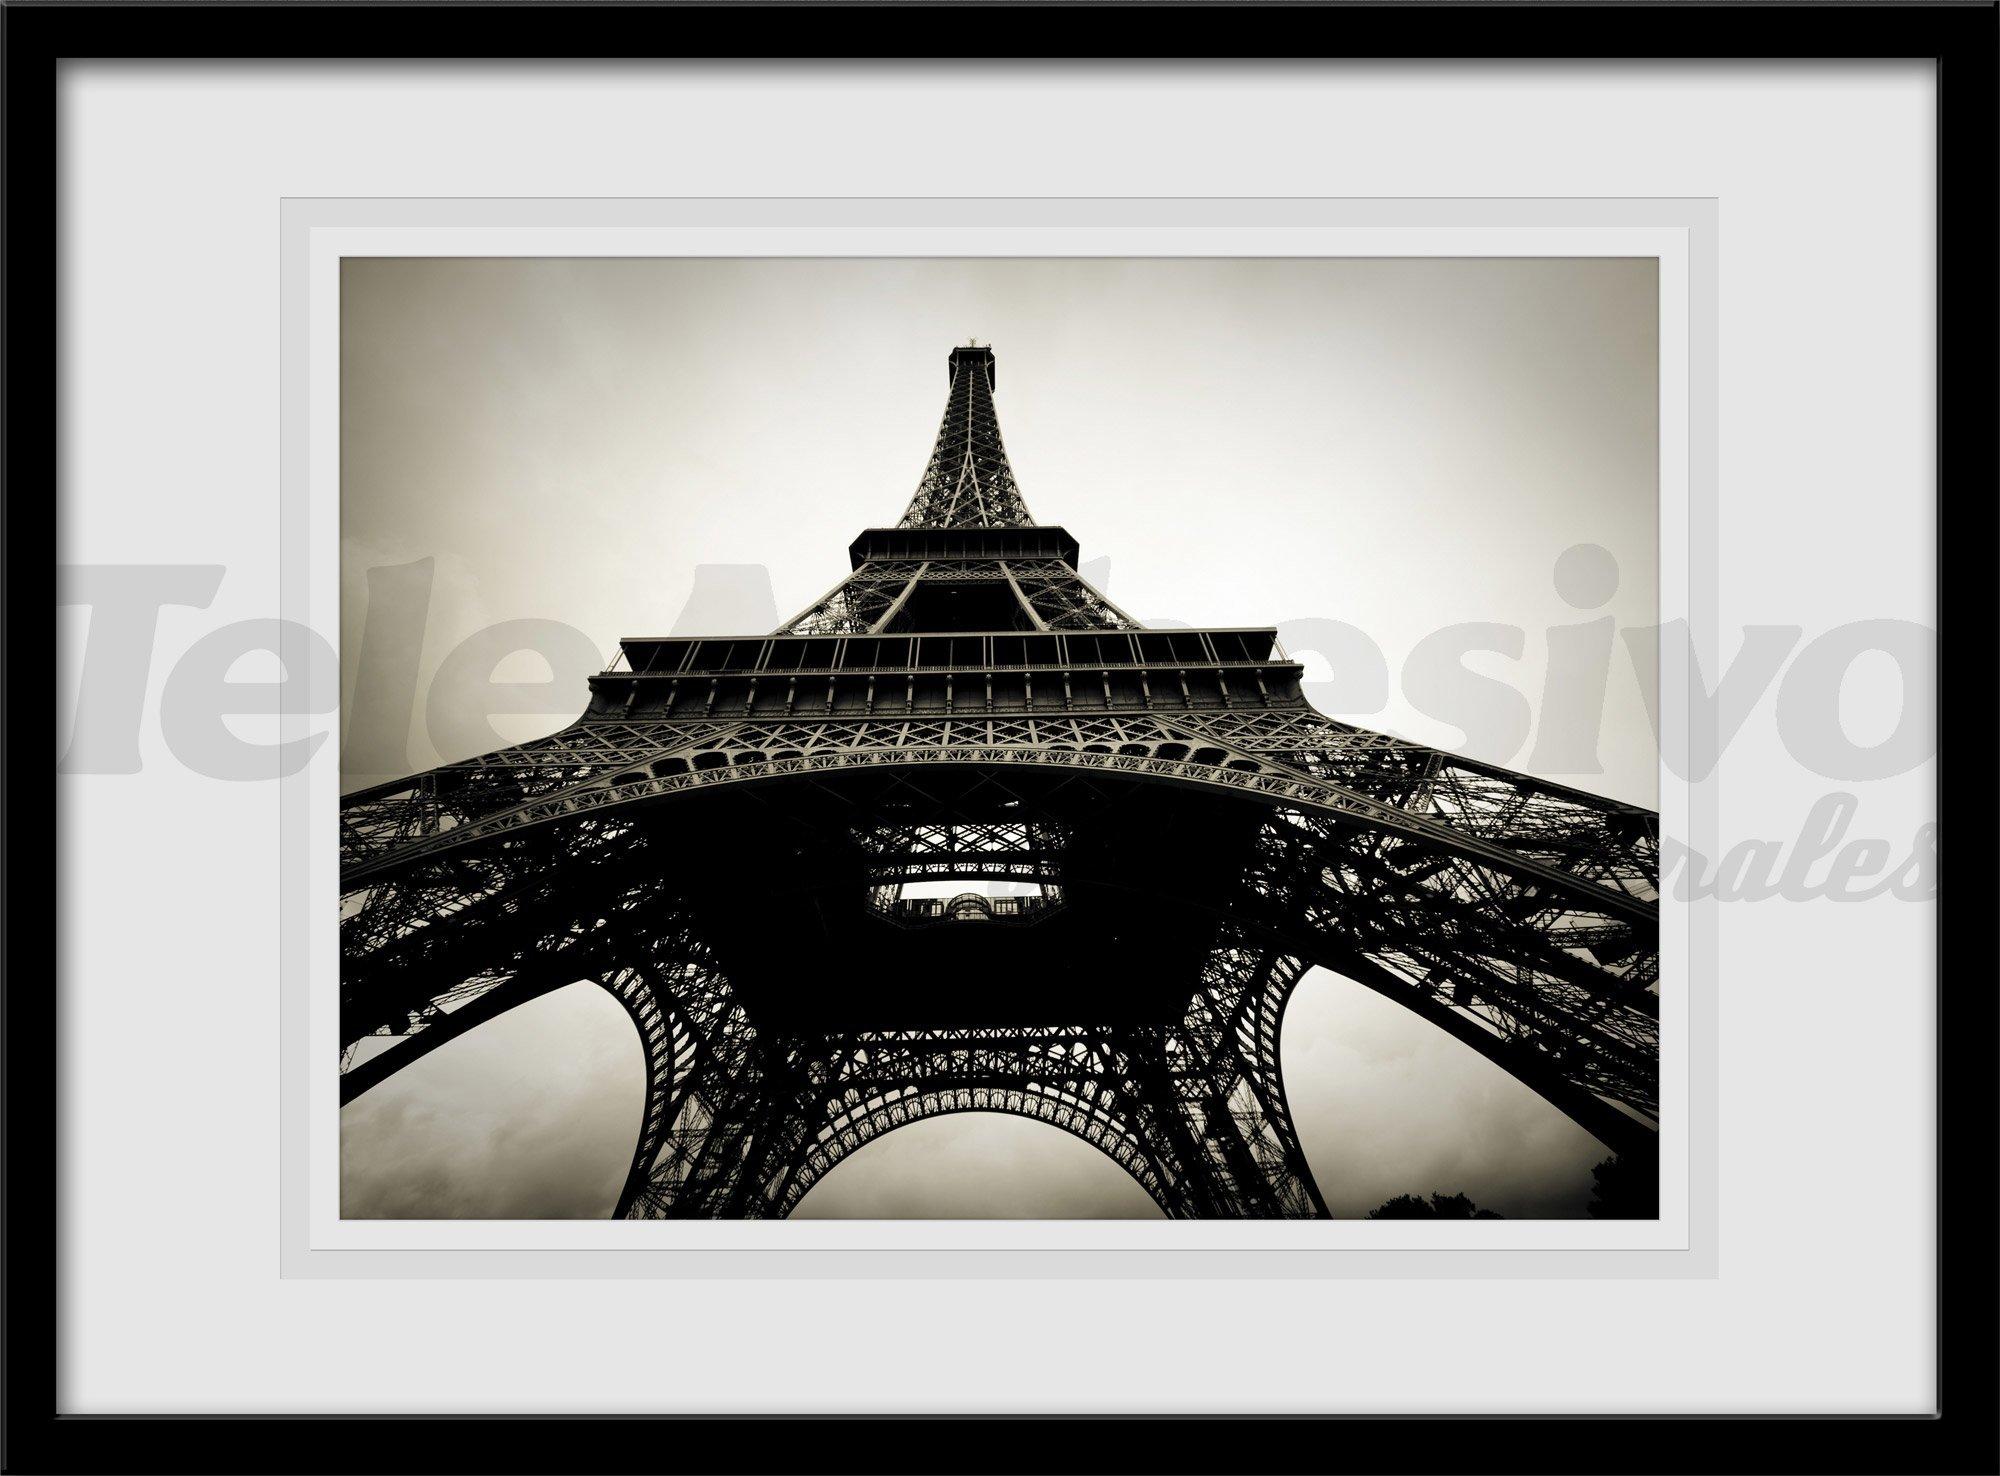 Vinilos decorativos cuadro de fotografía Torre Eiffel en blanco y negro